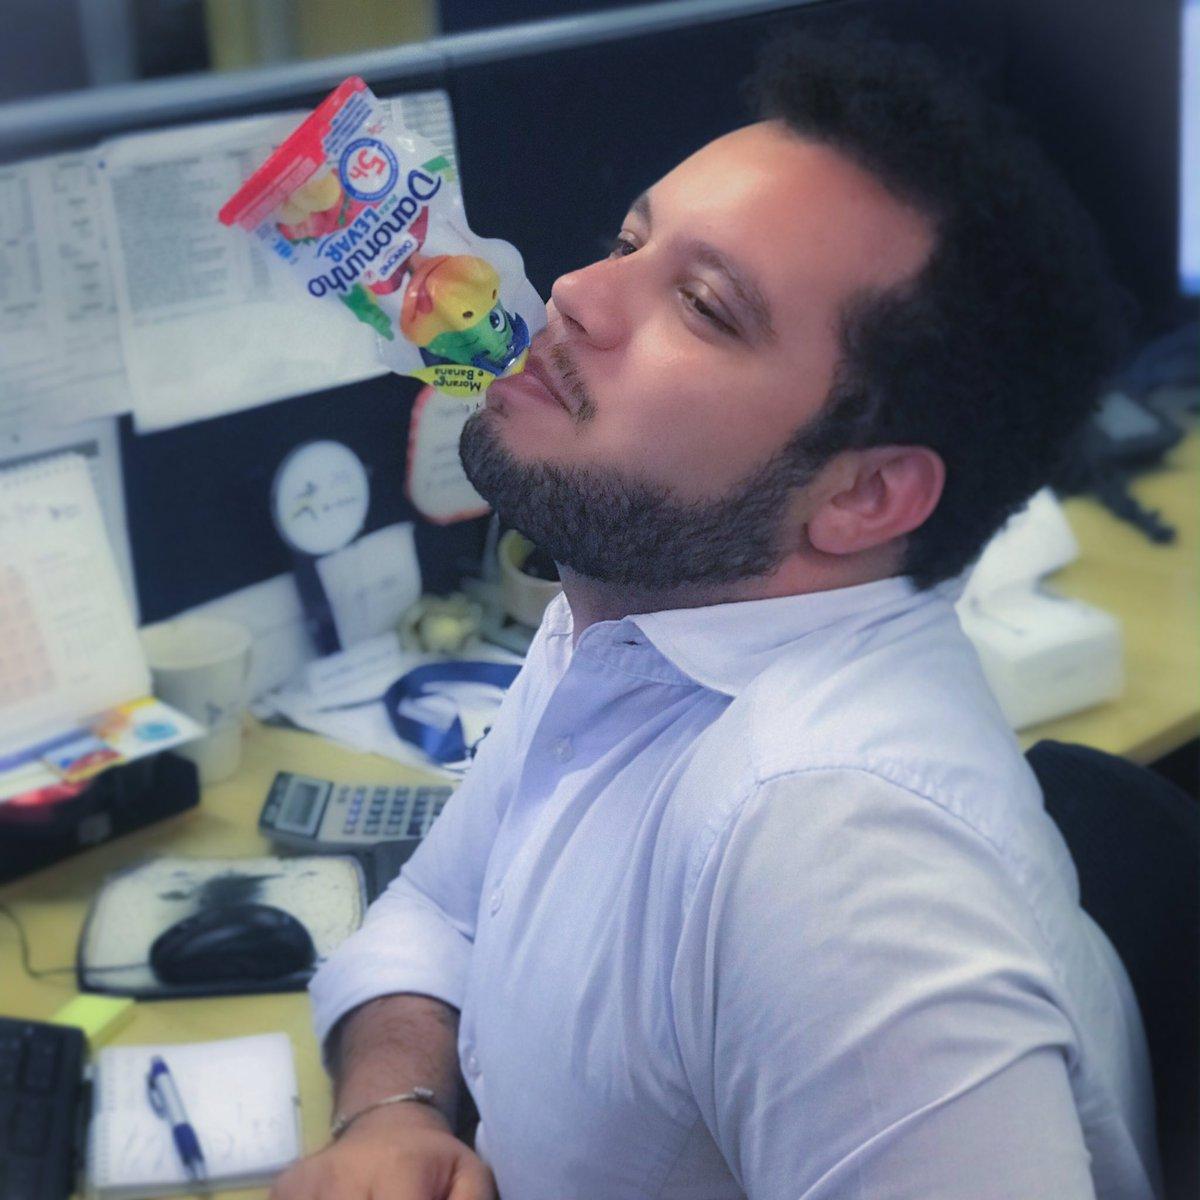 Pausa para um bom Drink 🥤😏 #goodvibes #goodafternoon #thanksgod #sp #nordestino #gordinho #força #gay #drink #world #smile #happy #pose #work #choices #freedom #life #behappy #lgbtq #diferente #tatuagem #beautiful #decisions #sweet #confianca #dedicação #prazer #danoninho